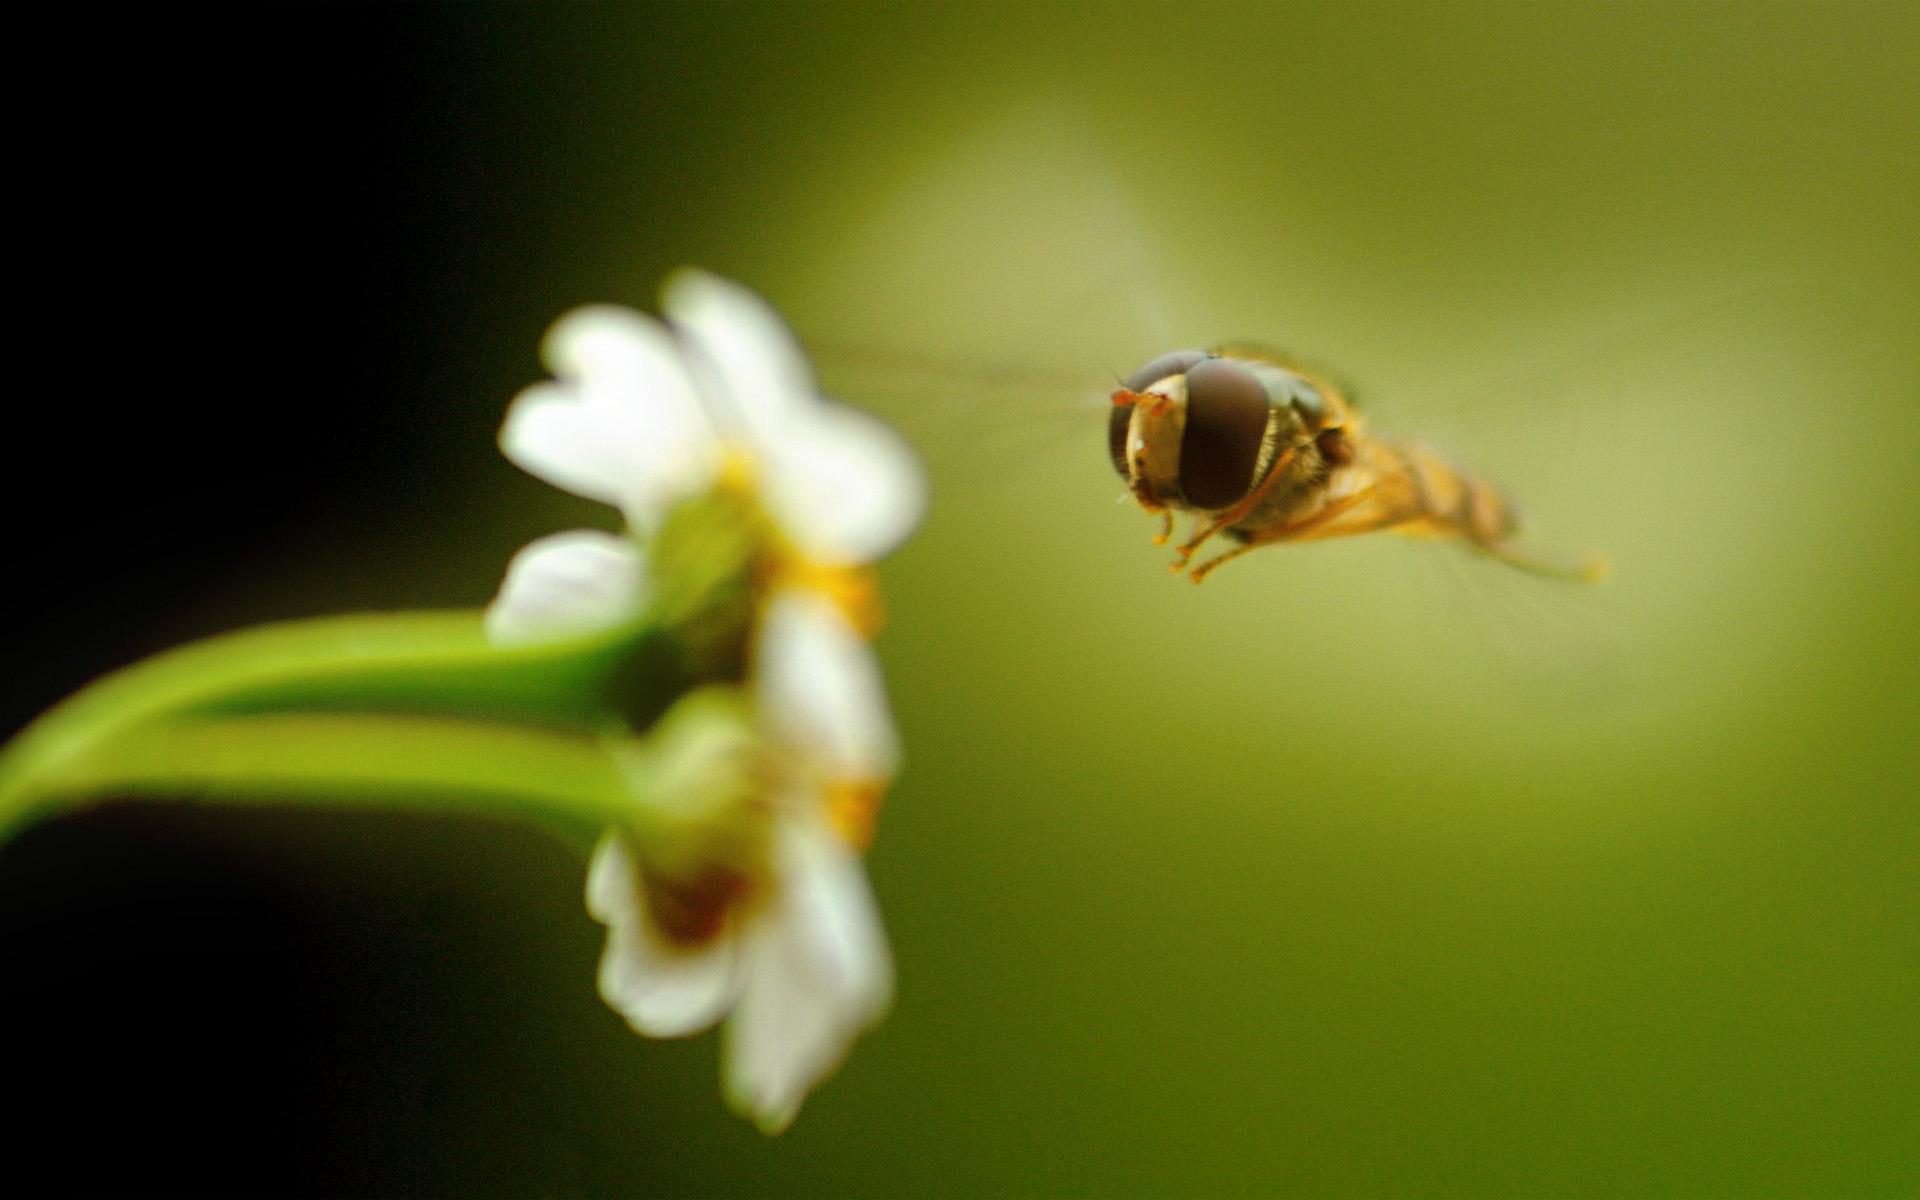 大自然写真 带你认识生态摄影的奥秘